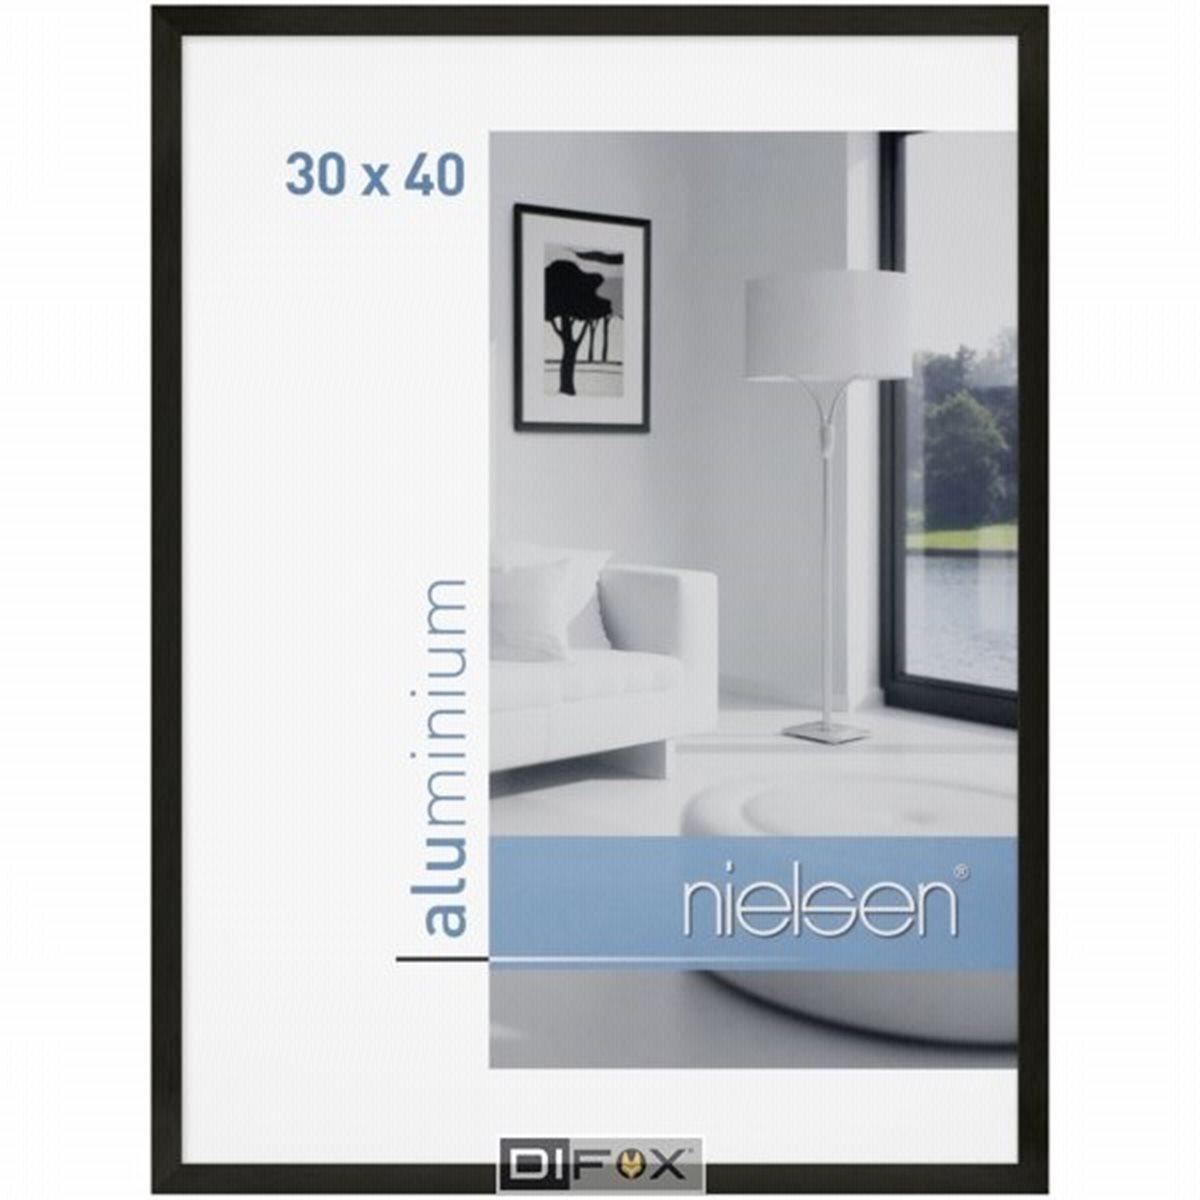 MonkeyMcCoy | Nielsen C2 black matt 30x40 Aluminium Frame - Monkey McCoy